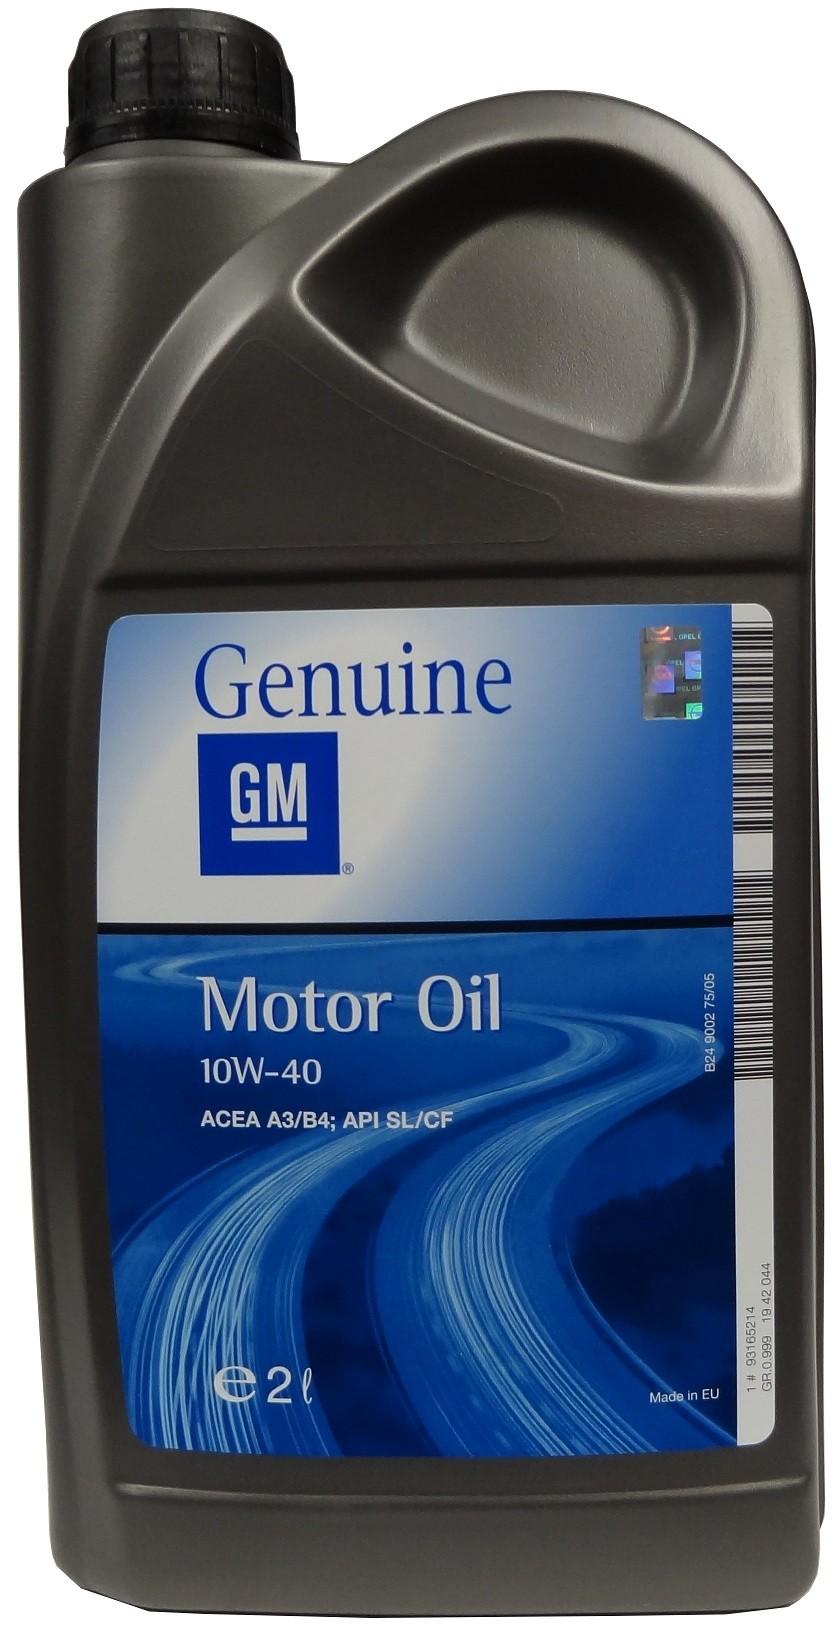 GM MOTOR OIL 10W-40 2L